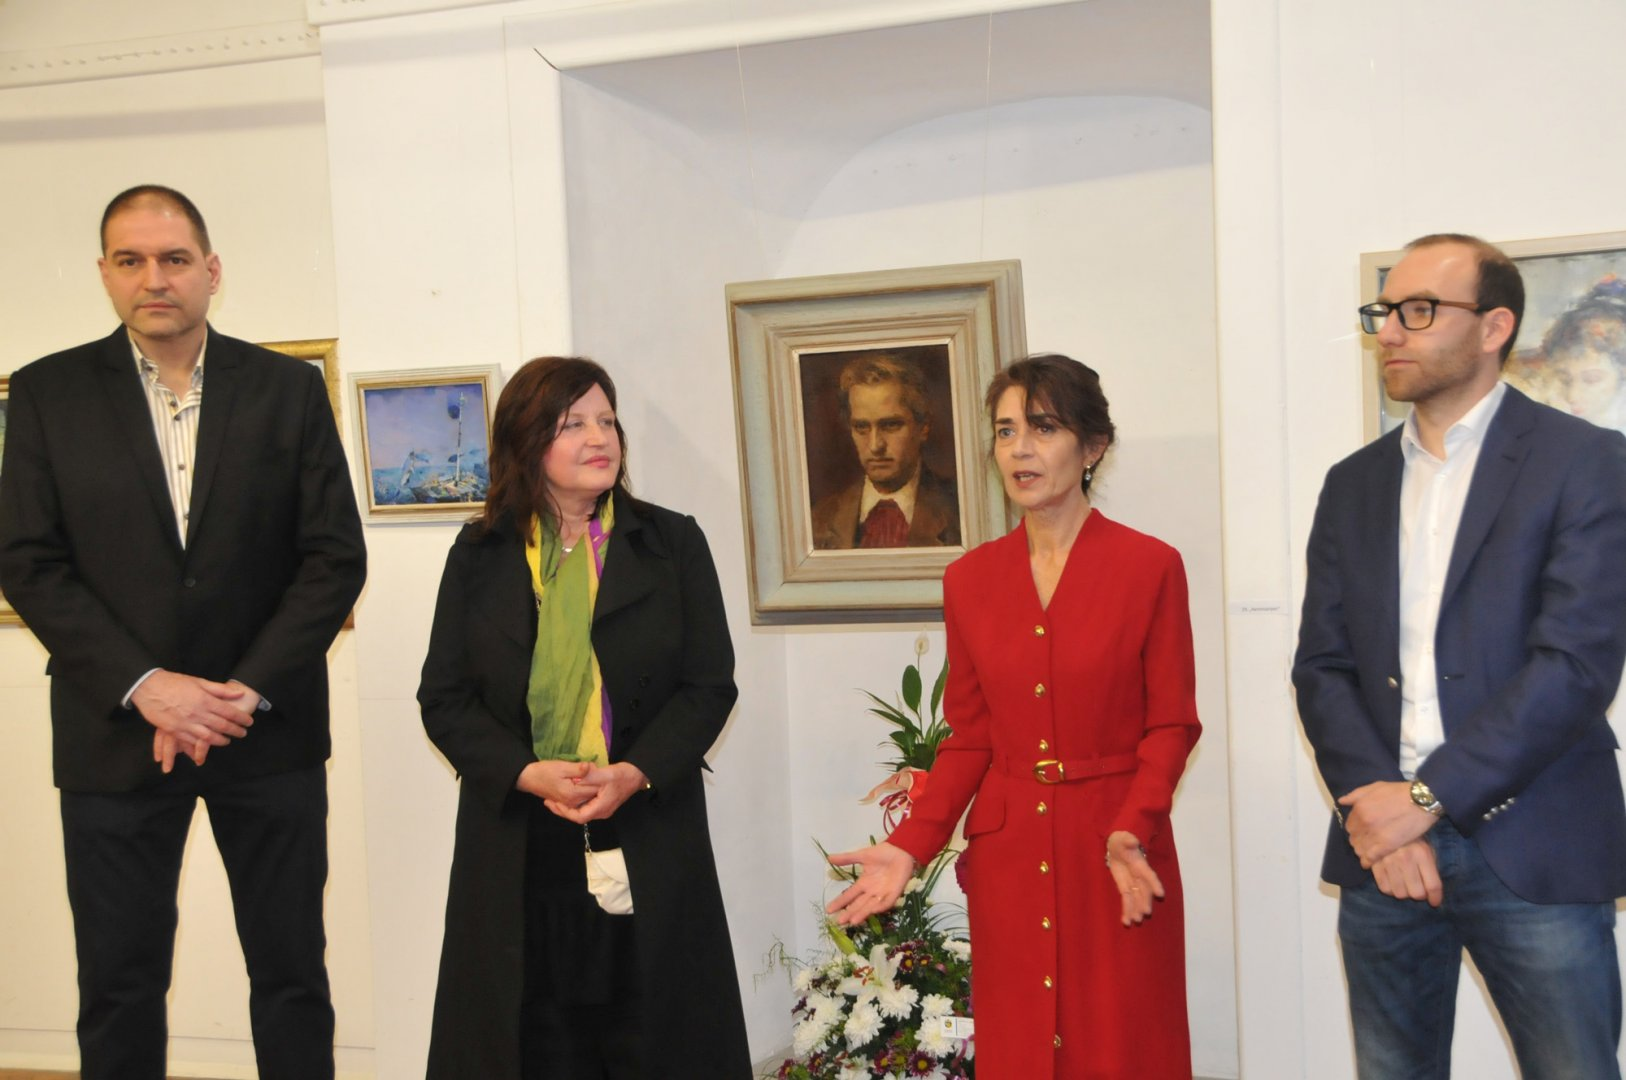 Дъщерята на художника Даниела Заберска благодари на присъстващите, дошли на изложбата на баща й. Снимки Лина Главинова